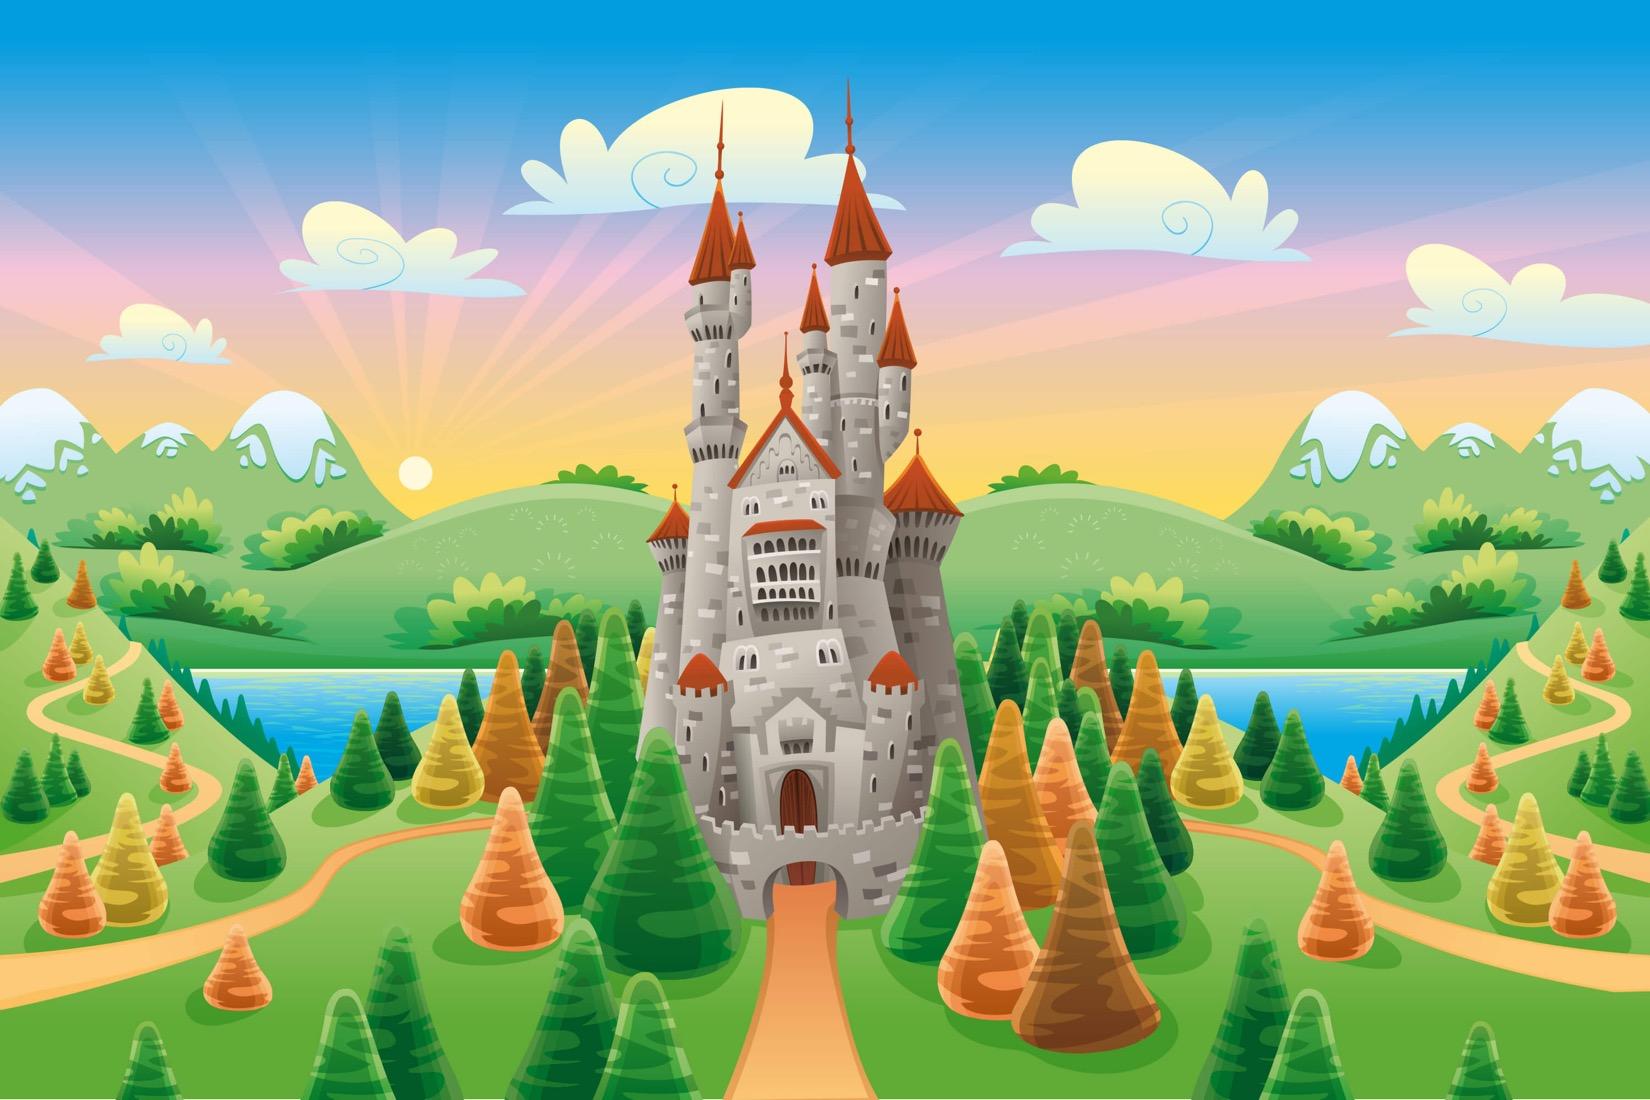 cartoon-castle-childrens-plain